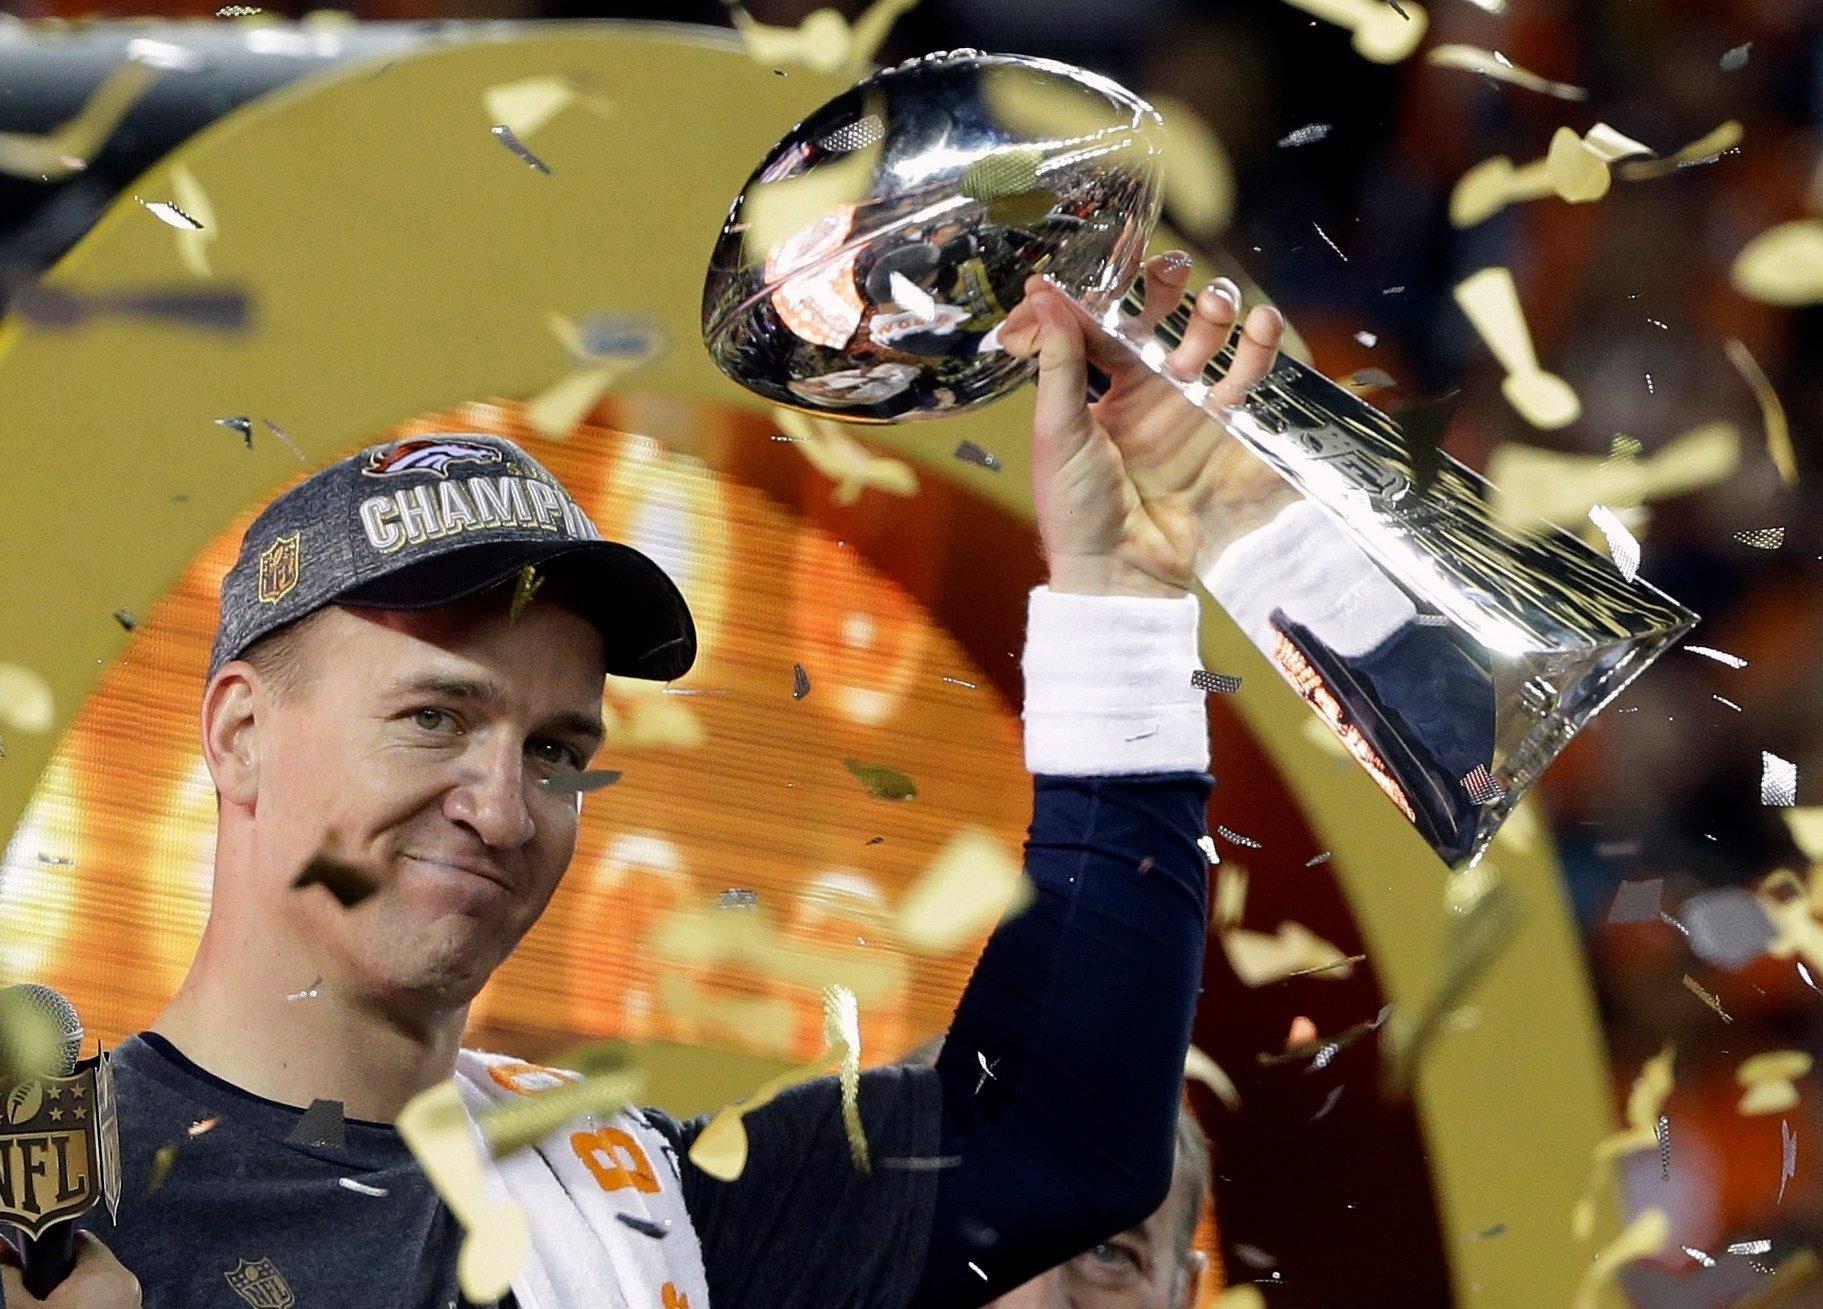 Broncos quarterback Peyton Manning hoists the Vince Lombardi Trophy after Denver won Super Bowl 50 Sunday.